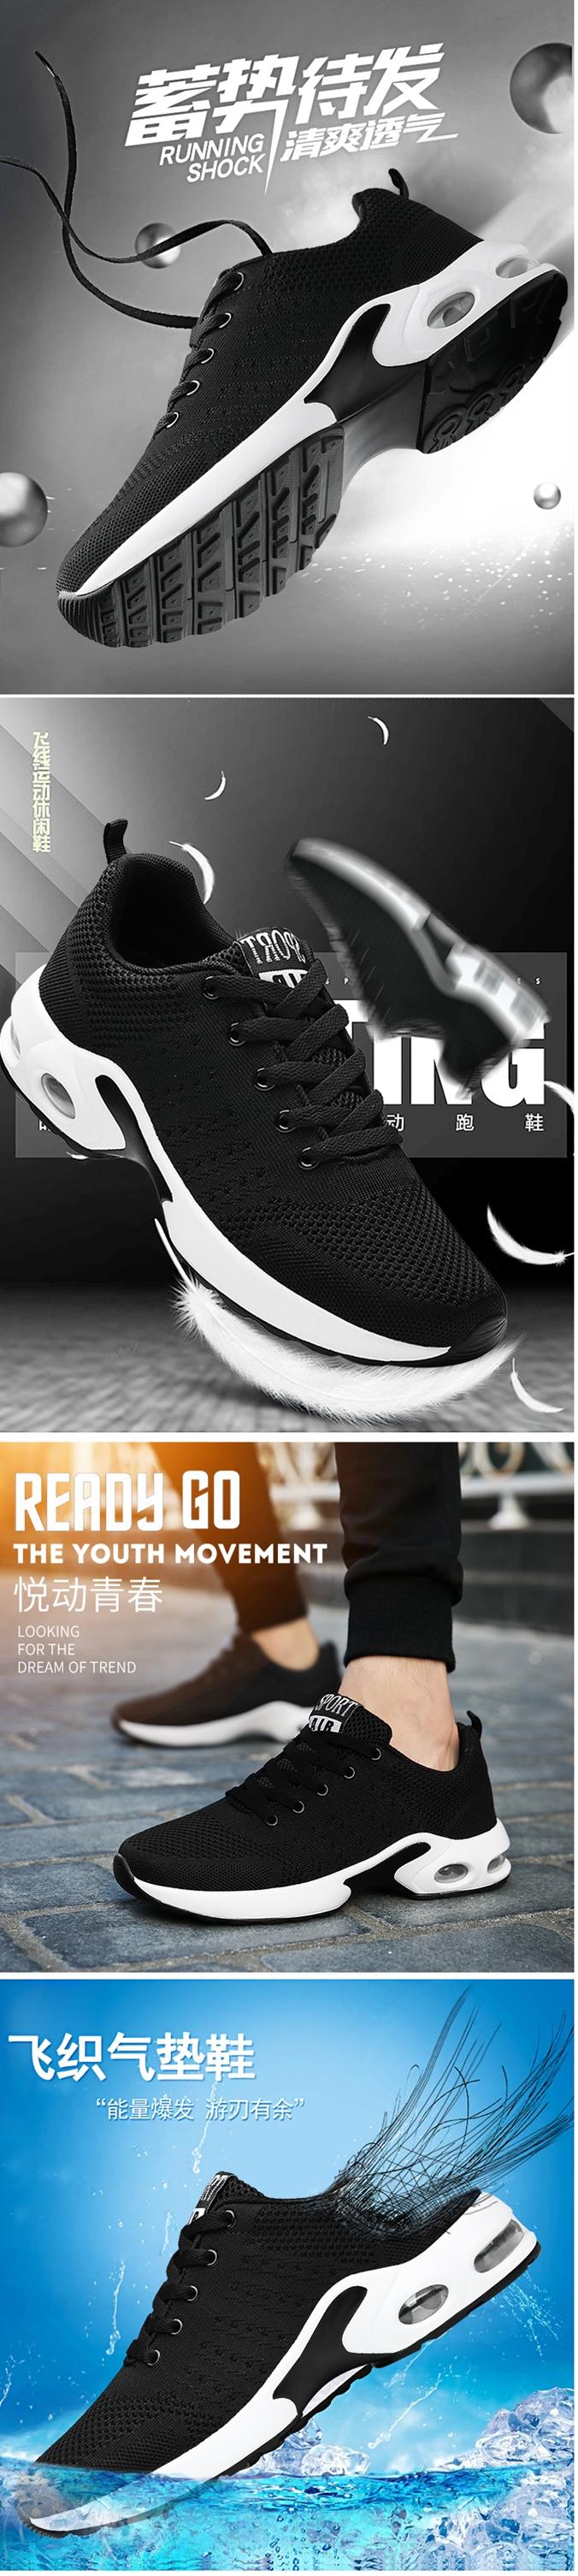 รองเท้าชาย รองเท้ากีฬาแฟชั่นรองเท้าตาข่ายระบายอากาศ